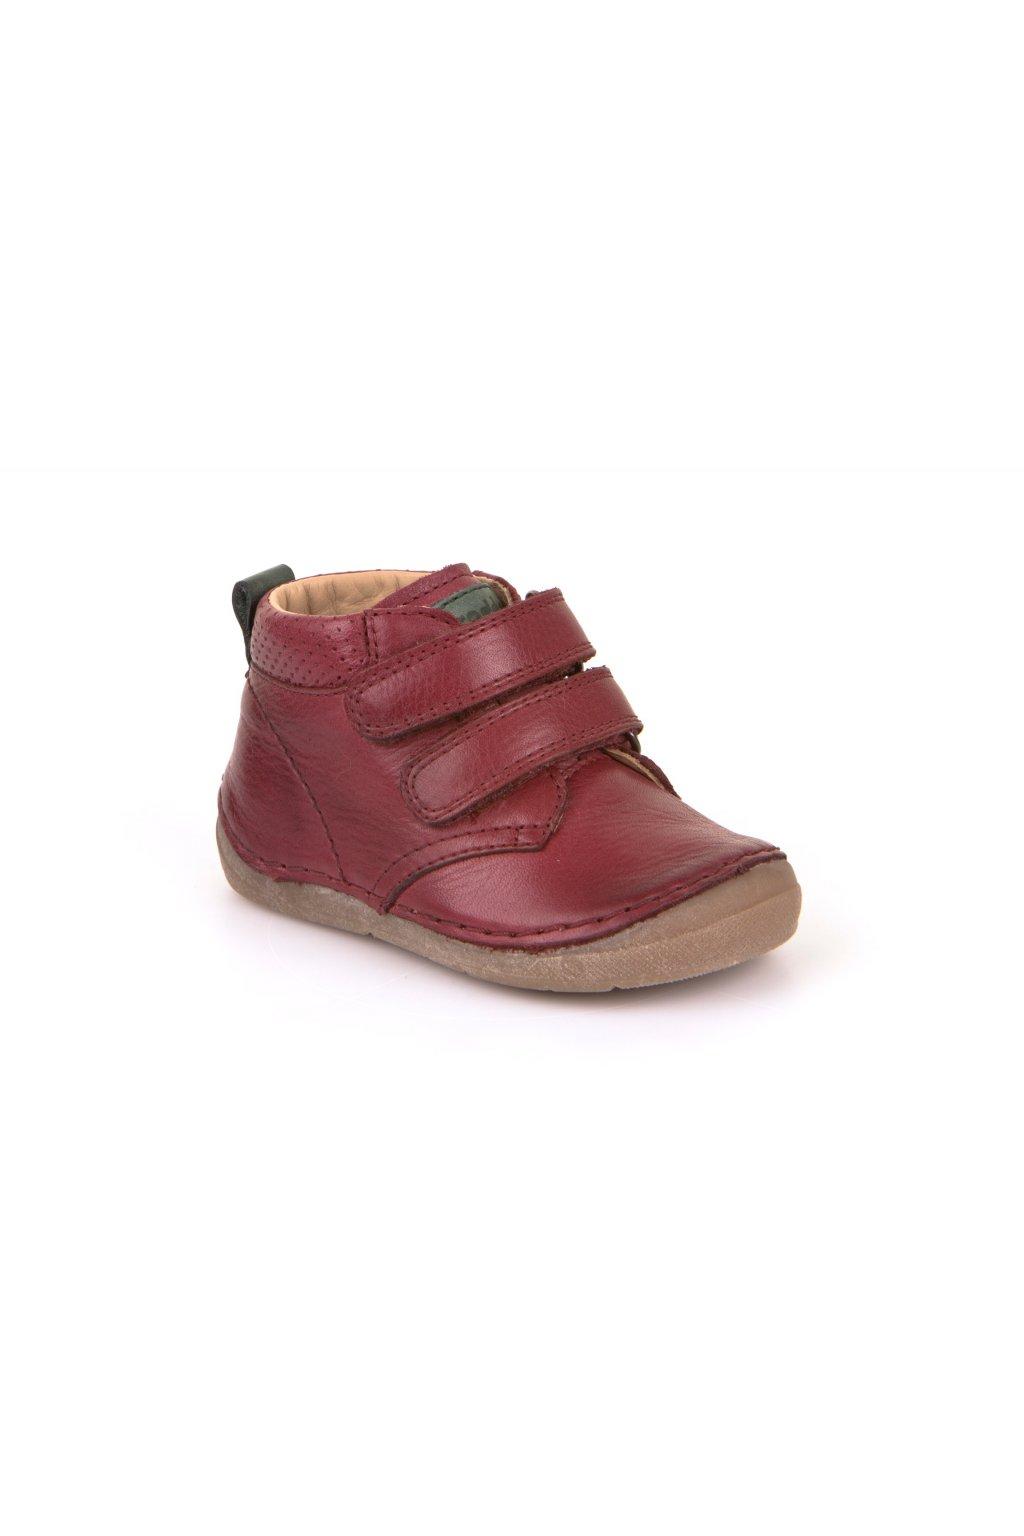 Froddo Shoes Bordeaux